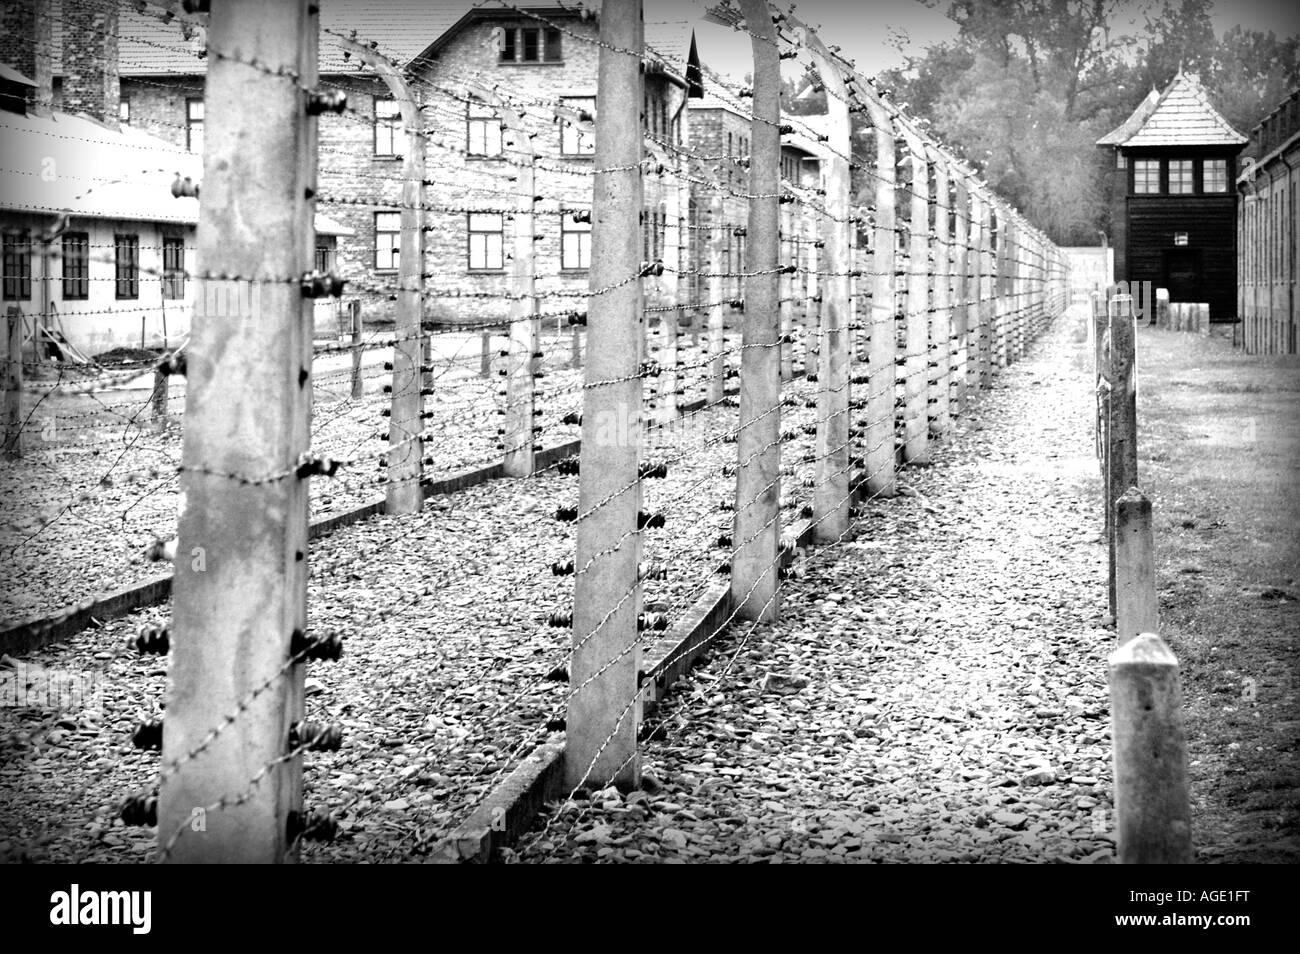 Nazi Concentration Camp in Auschwitz Birkenau, Oswiecim Poland - Stock Image